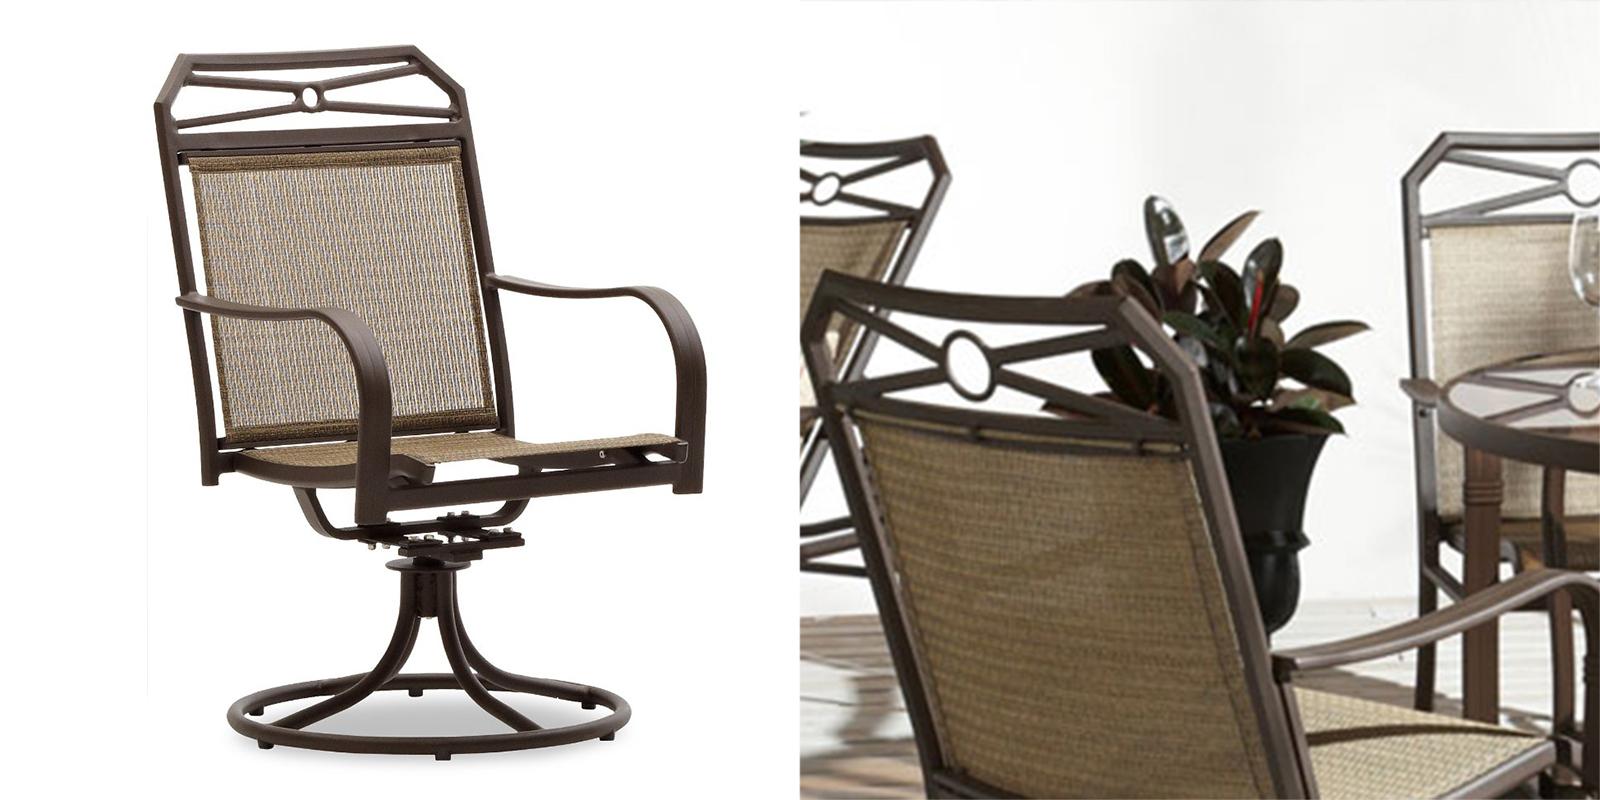 Patio Chair - Swivel Rocker Arm Chair